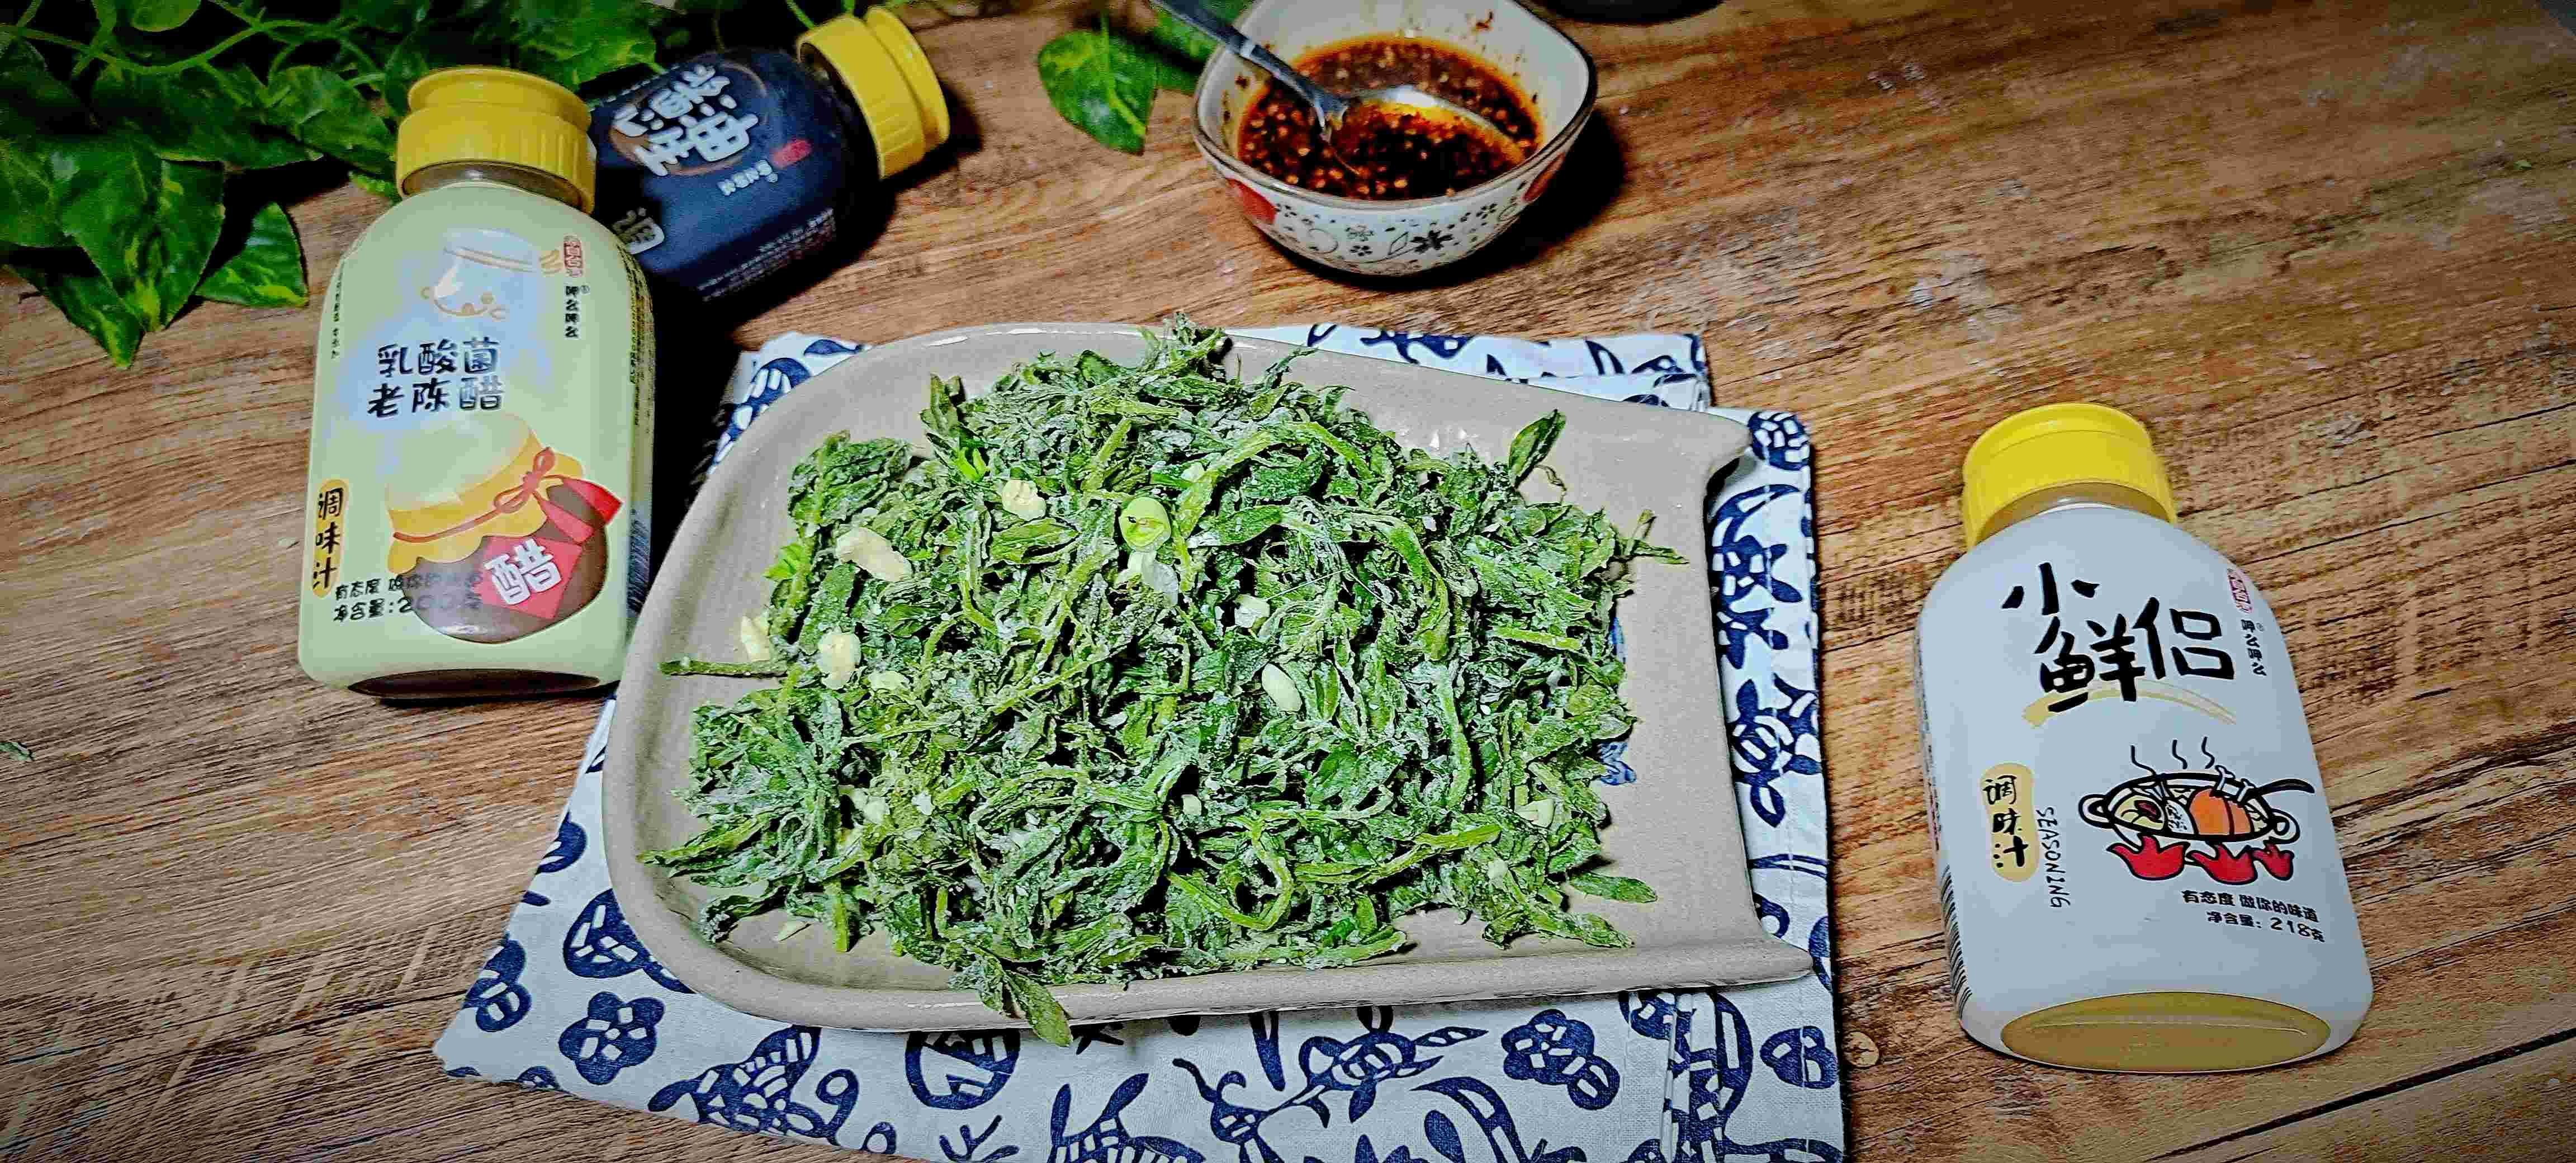 春天不可错过,野菜这样吃味道超赞…蒸豌豆苗的步骤